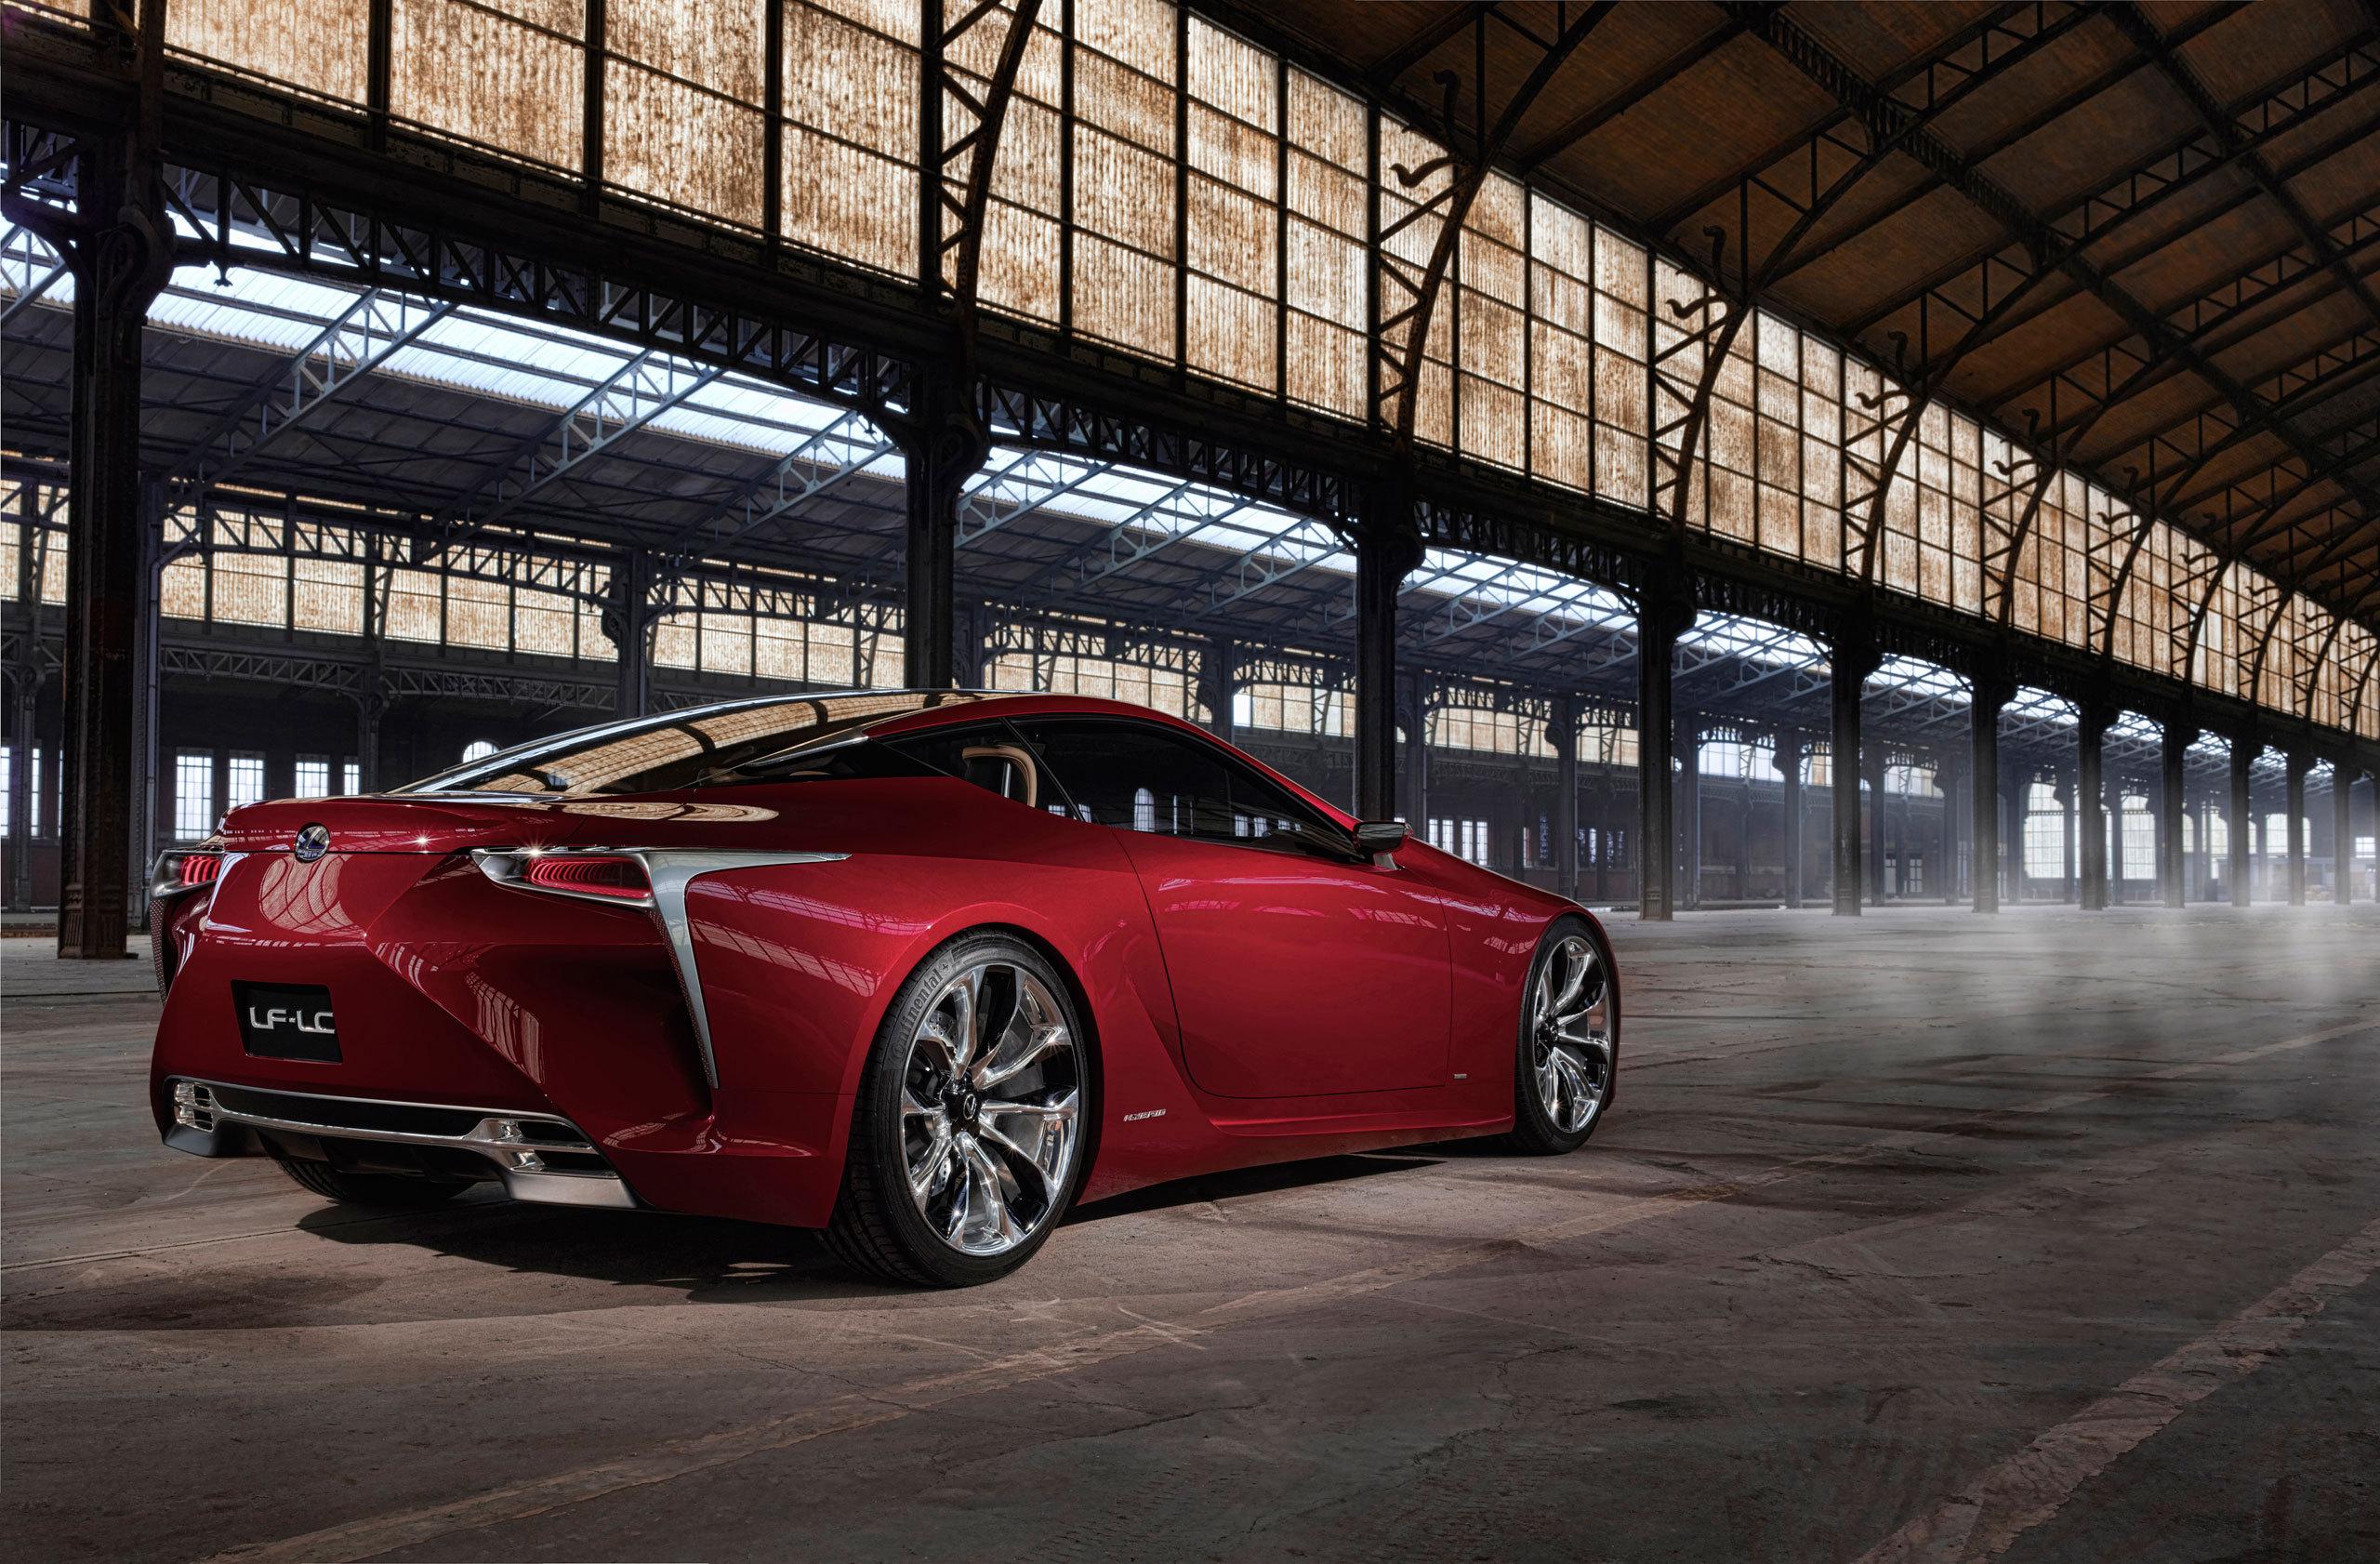 68115 Hintergrundbild herunterladen Lexus, Cars, Konzept, Rückansicht, Lf-Lc - Bildschirmschoner und Bilder kostenlos